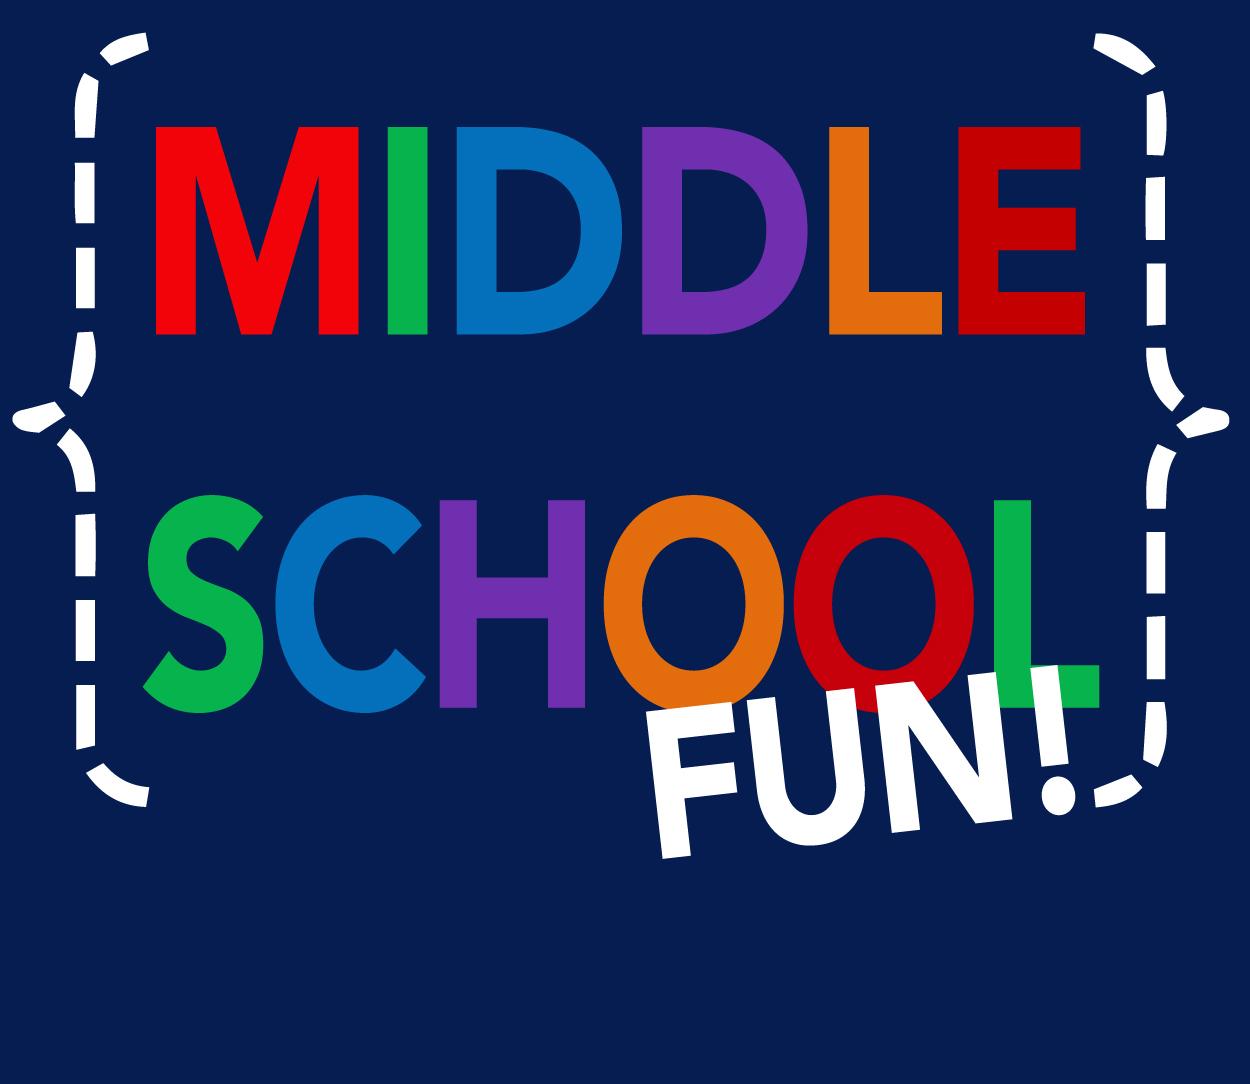 Middle School Fun